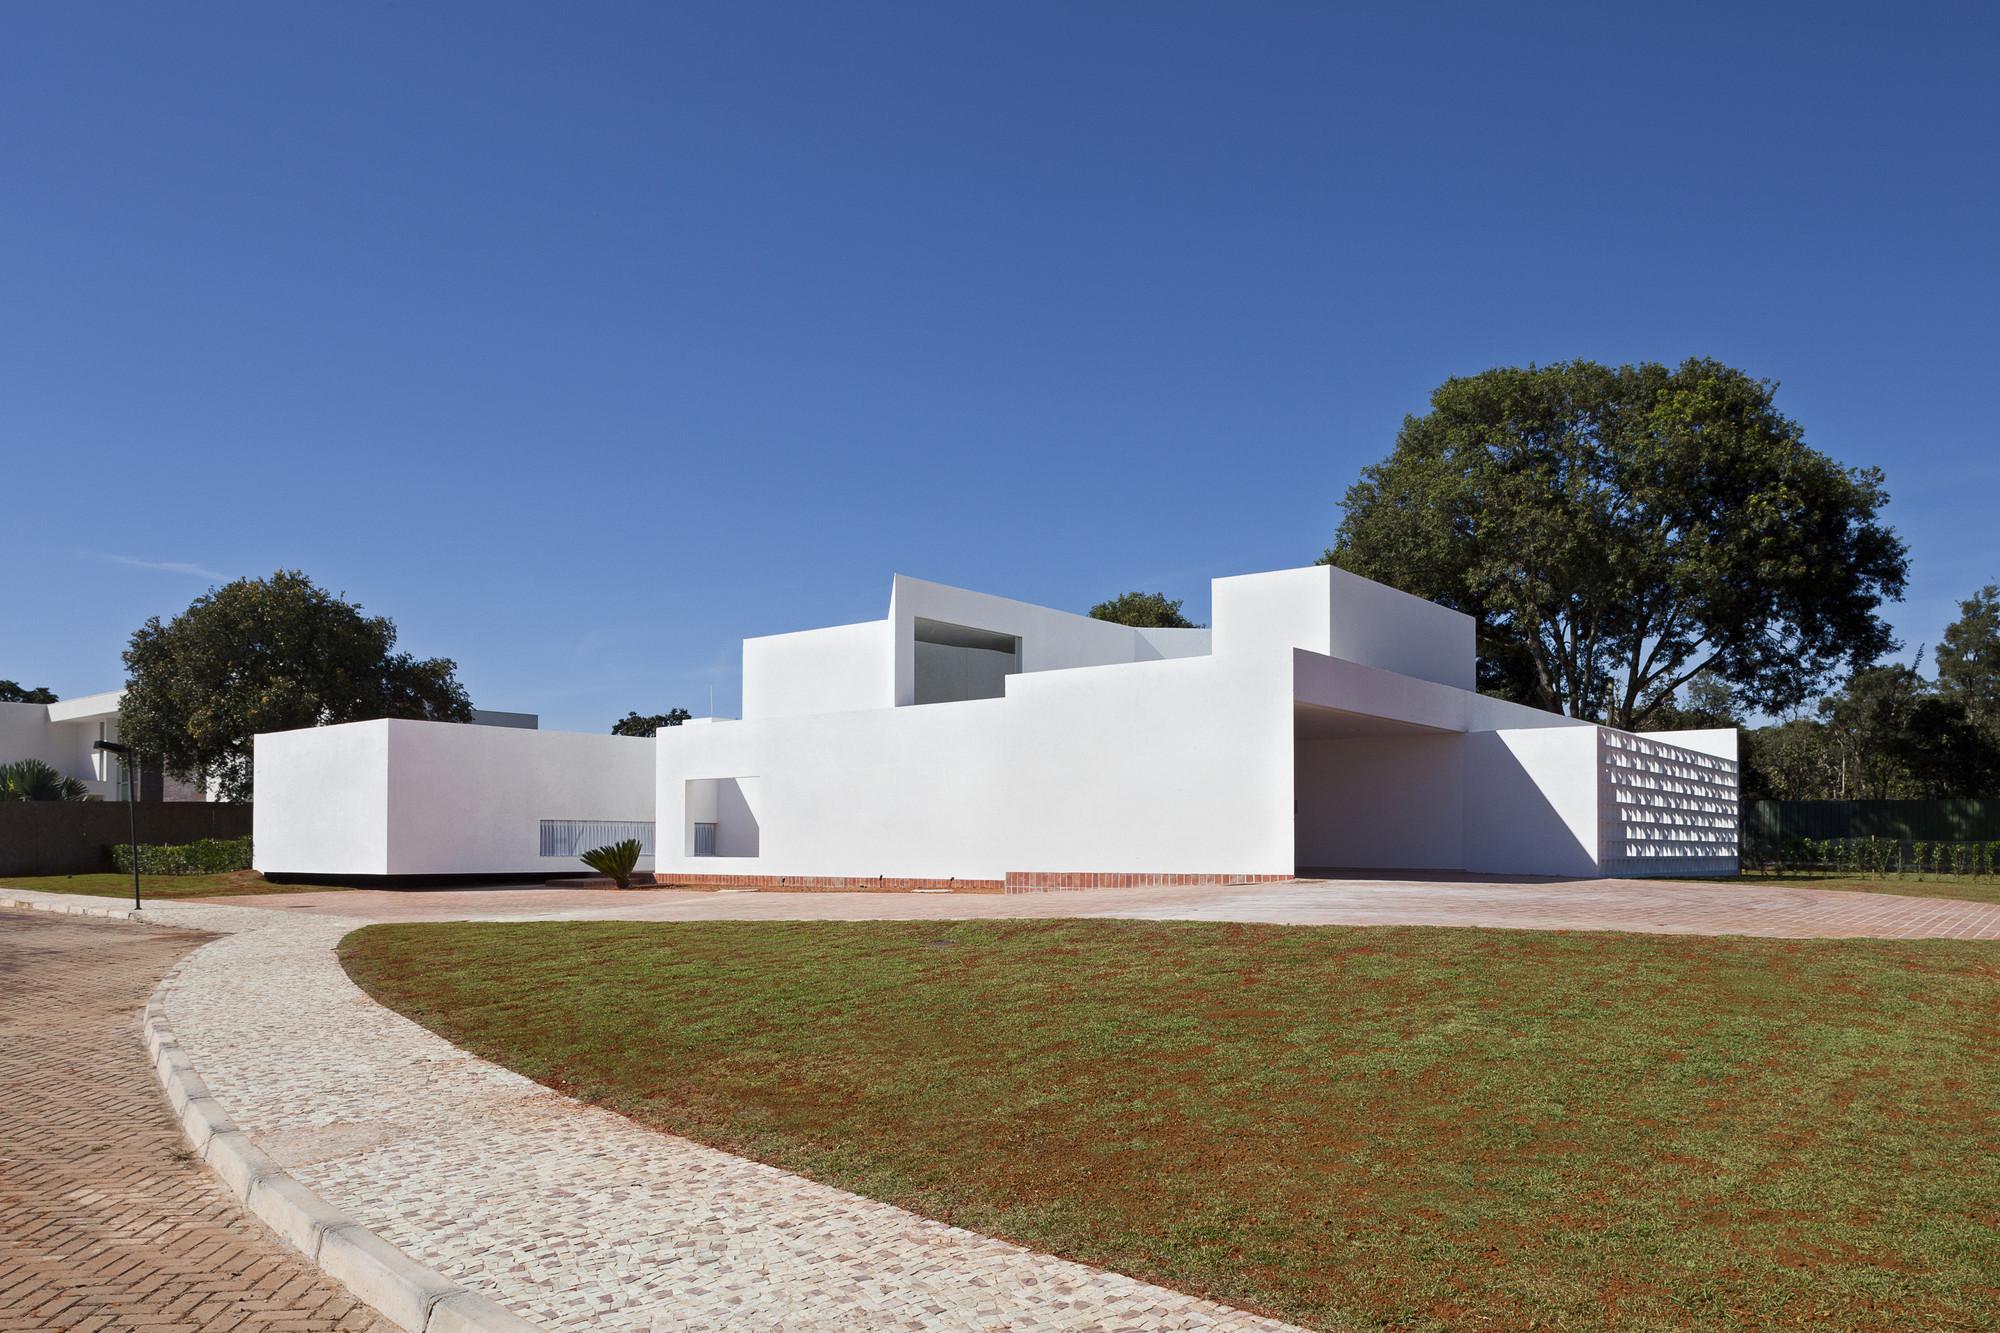 Migliari Guimarães House / DOMO Arquitetos, © Haruo Mikami